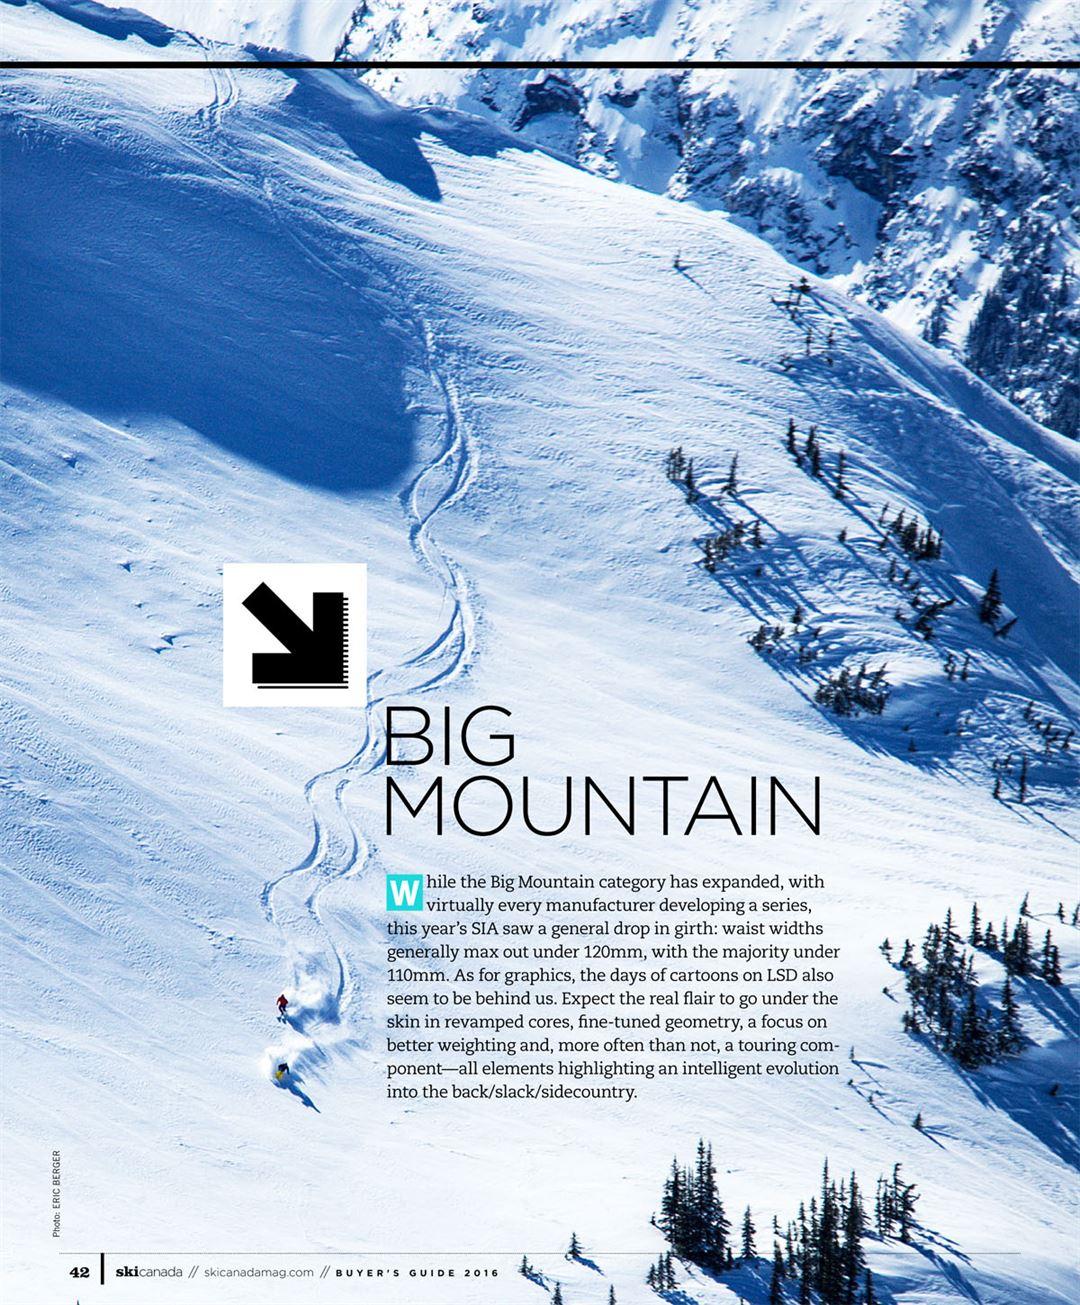 ff0cdb28da55 Big Mountain 2016  Ski Canada Magazine